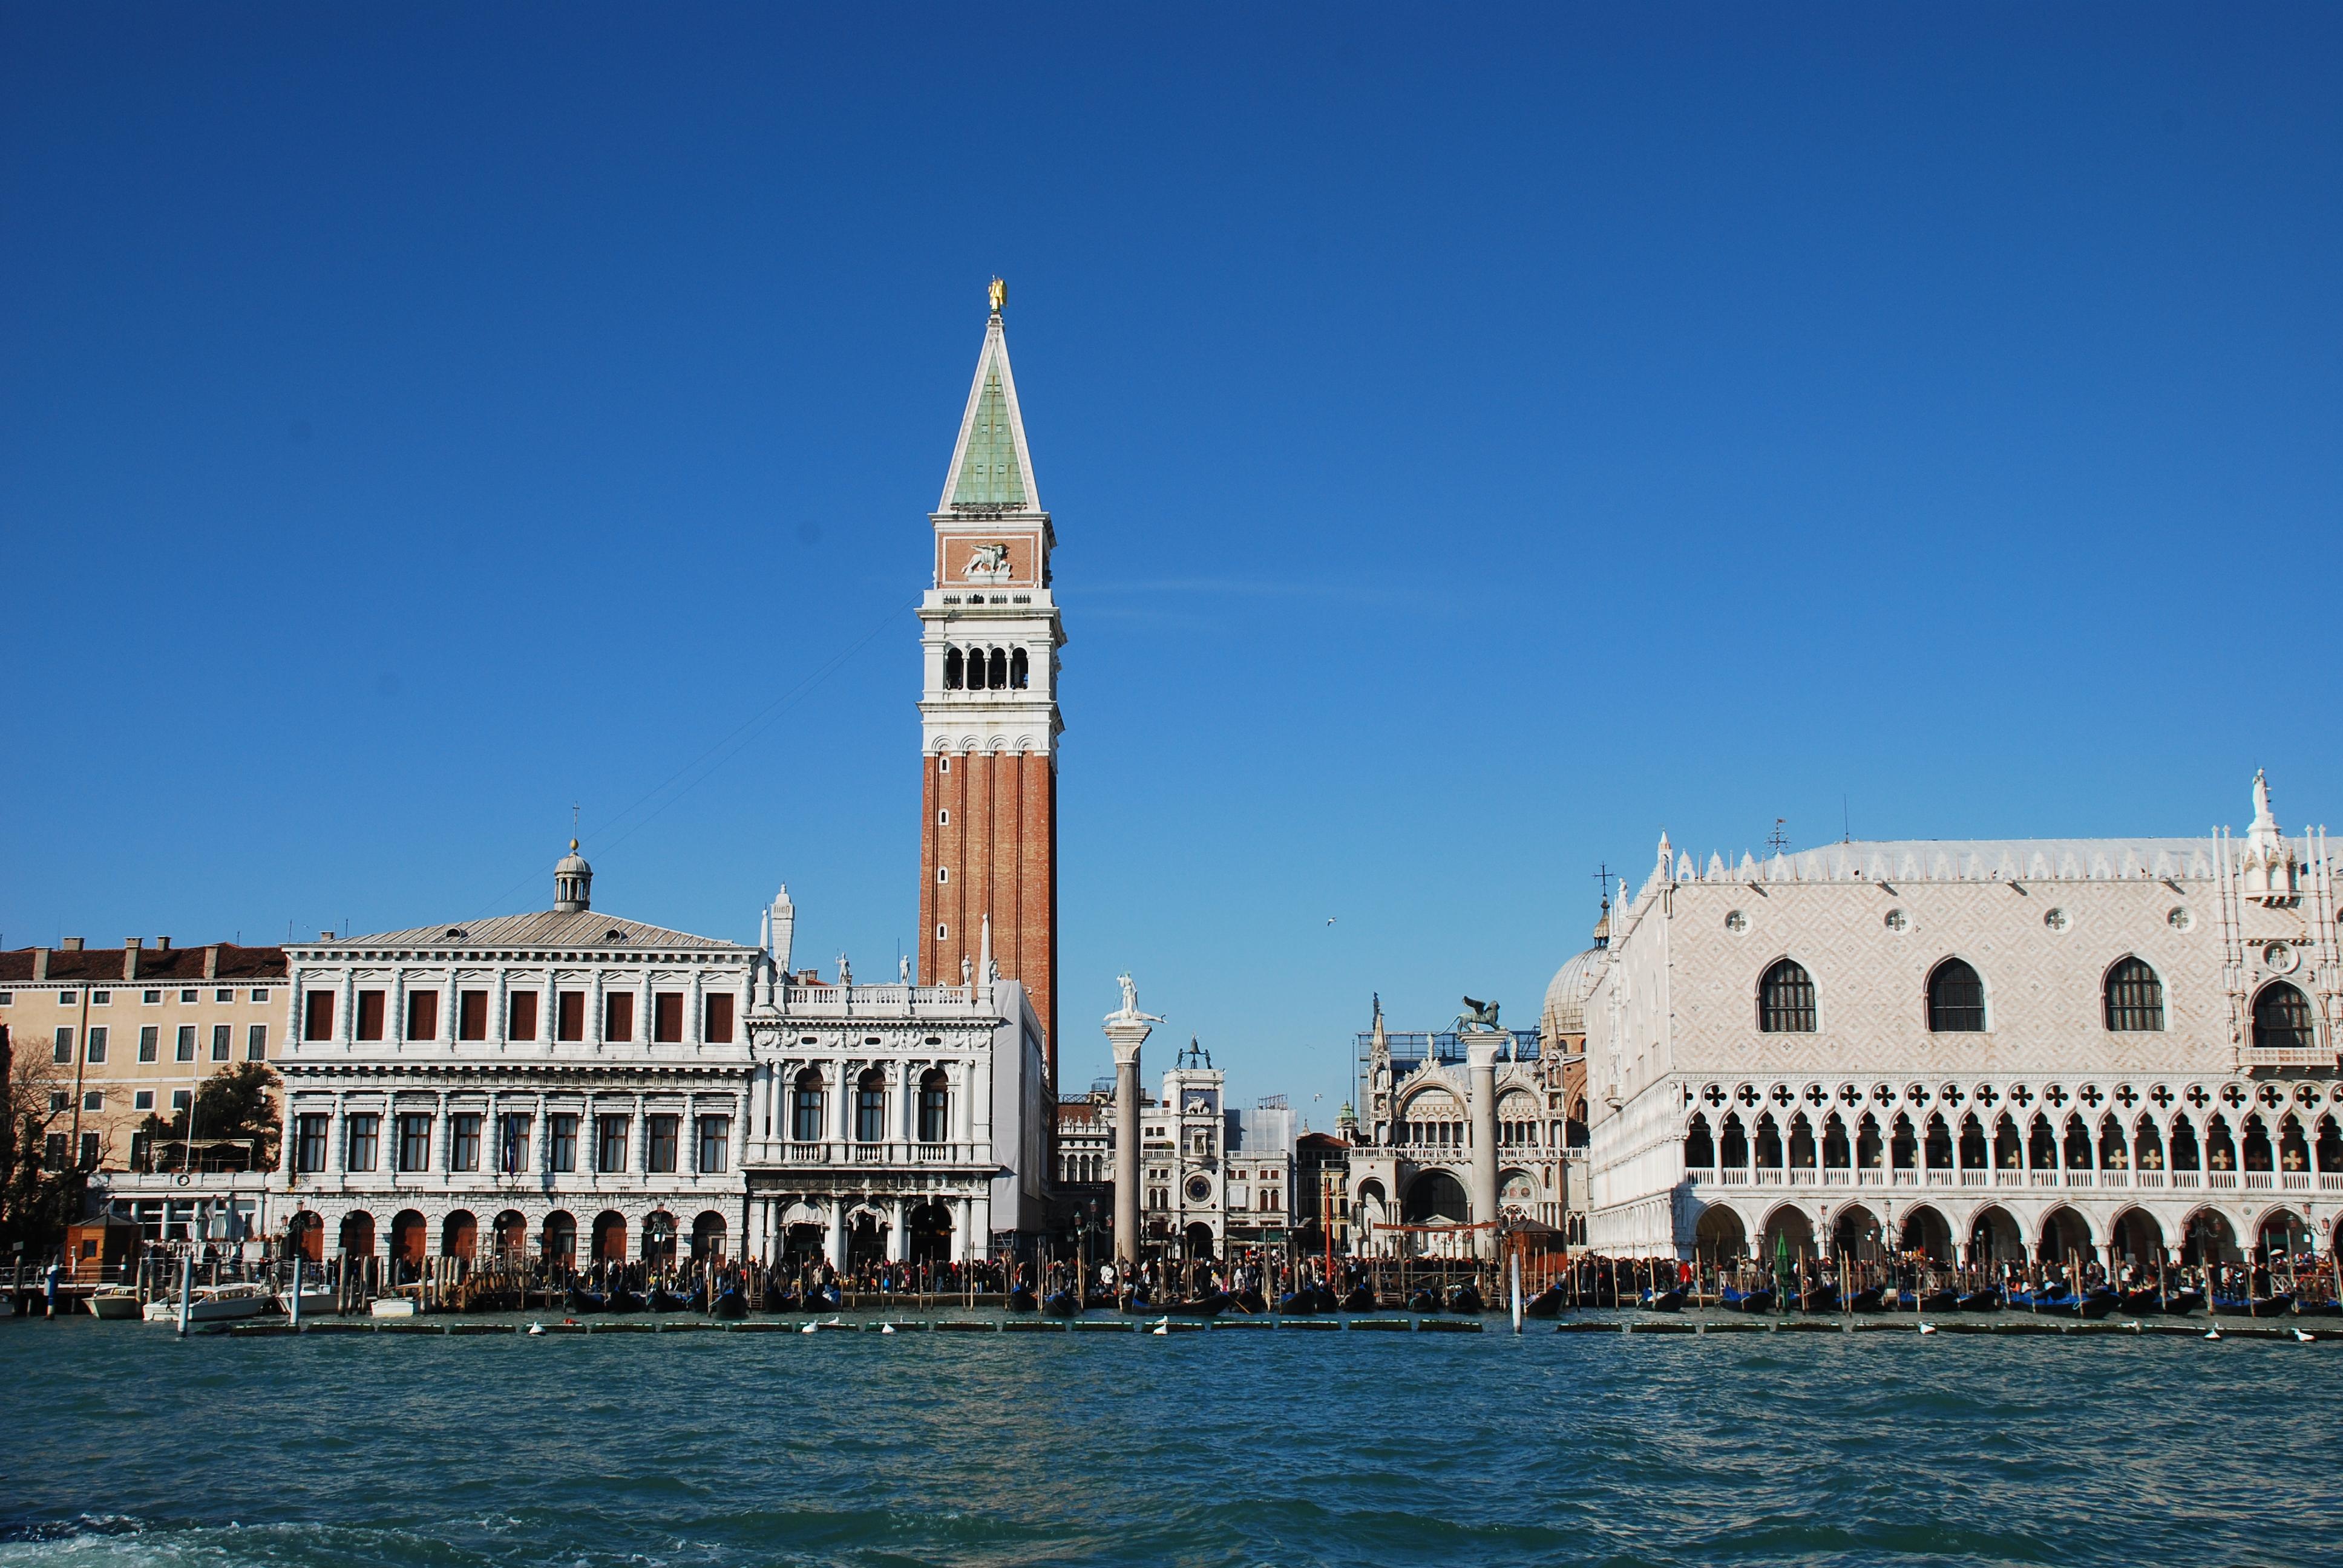 Trieste, Trieste, Venezia, Venezia, Trento, Trento, Milan ...